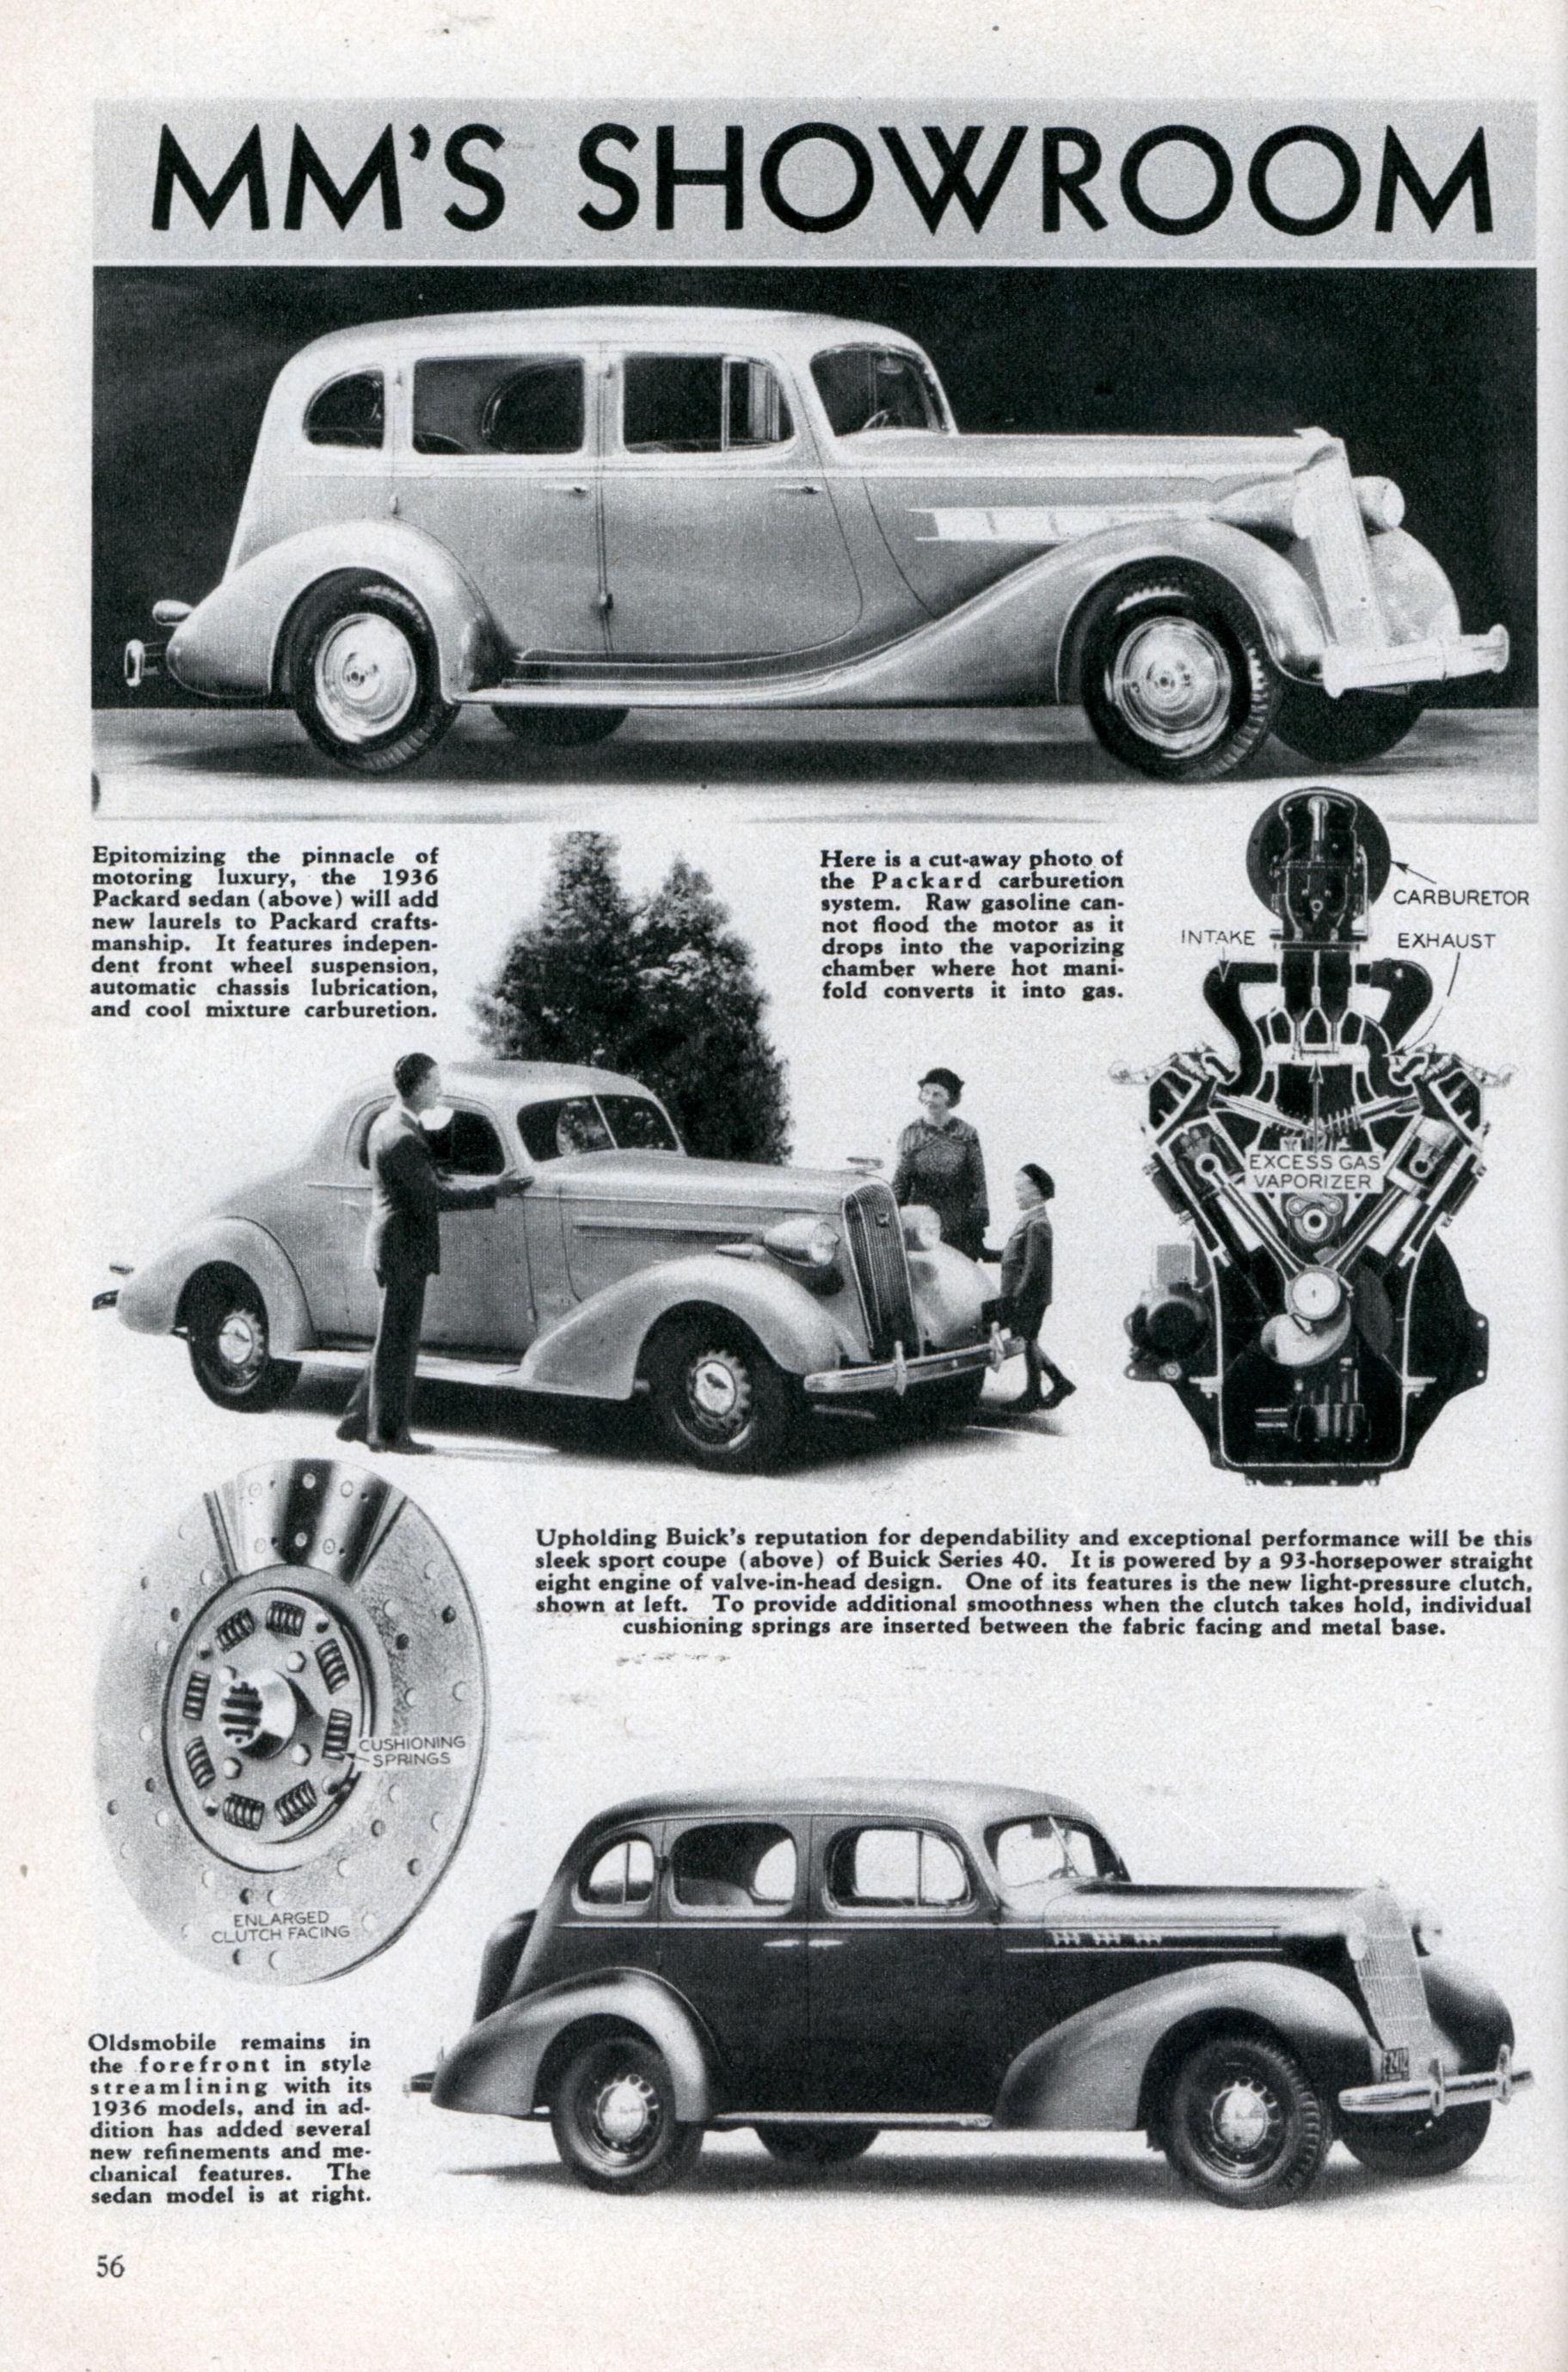 MM\'S SHOWROOM OF 1936 AUTOMOBILES | Modern Mechanix